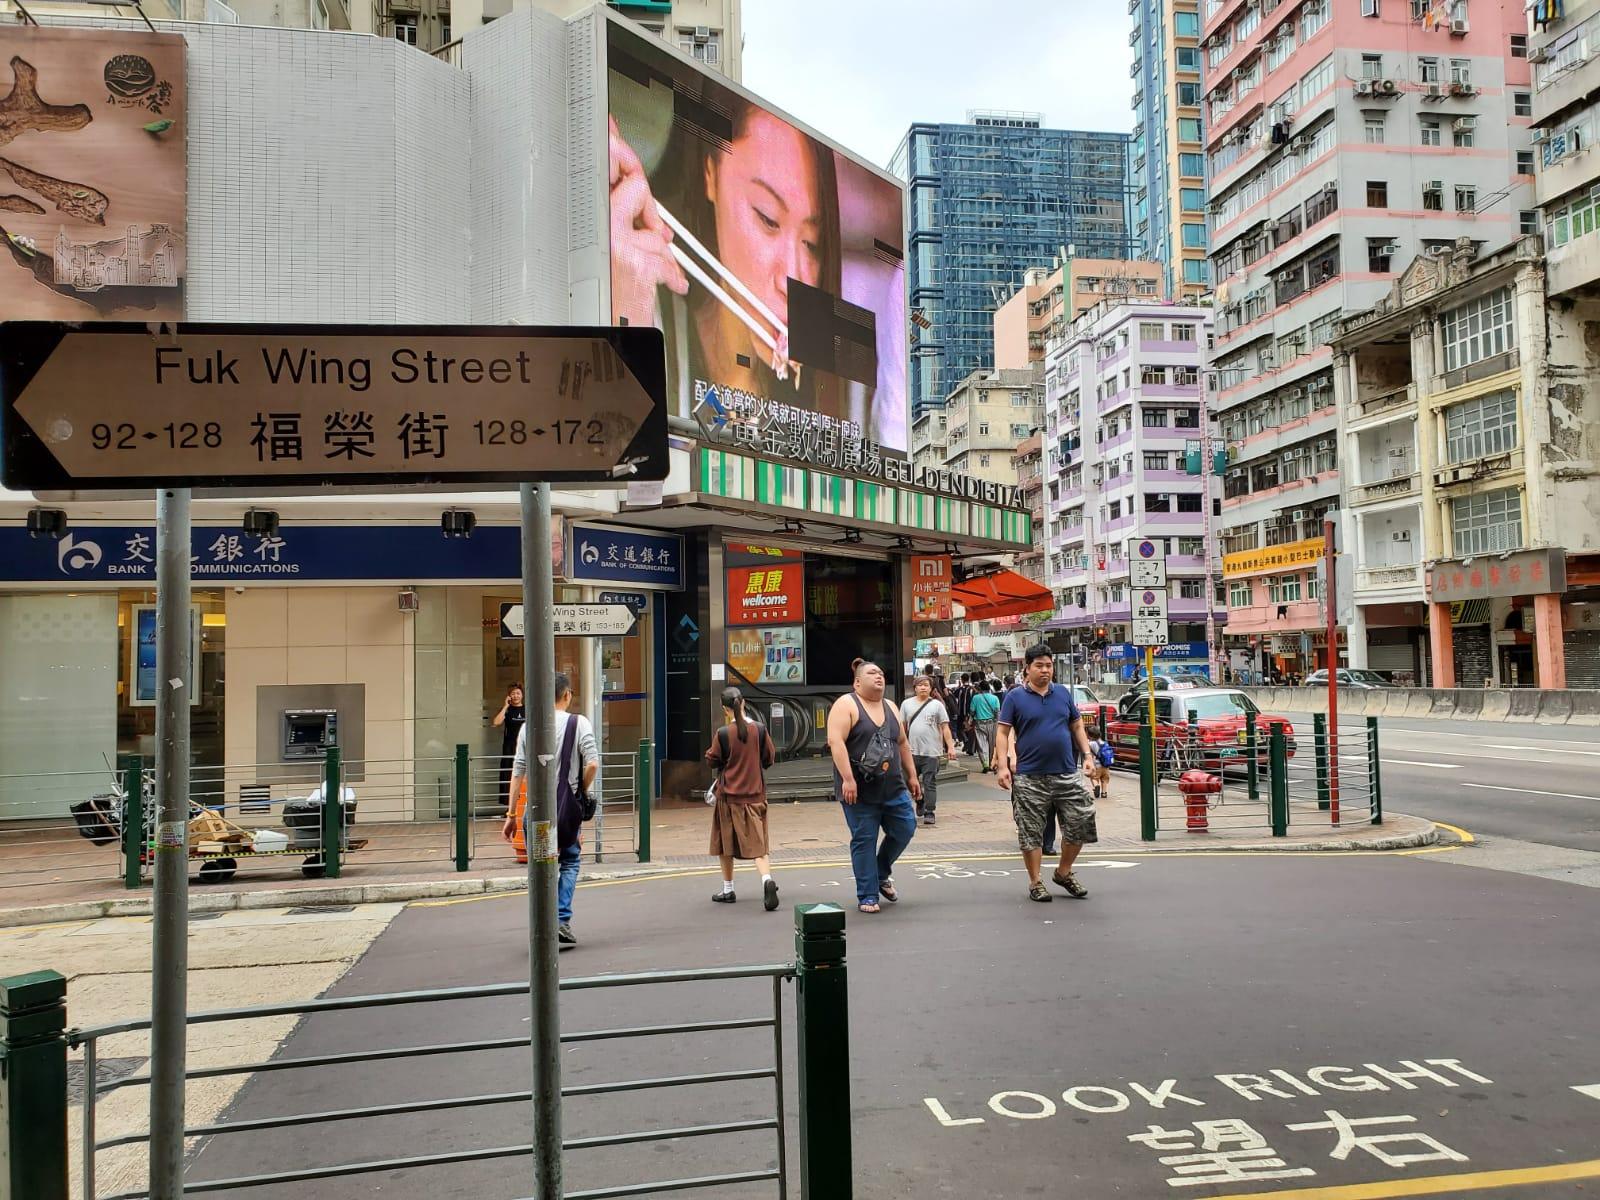 小巴司機將車駛到福榮街再報警求助。 梁國峰攝